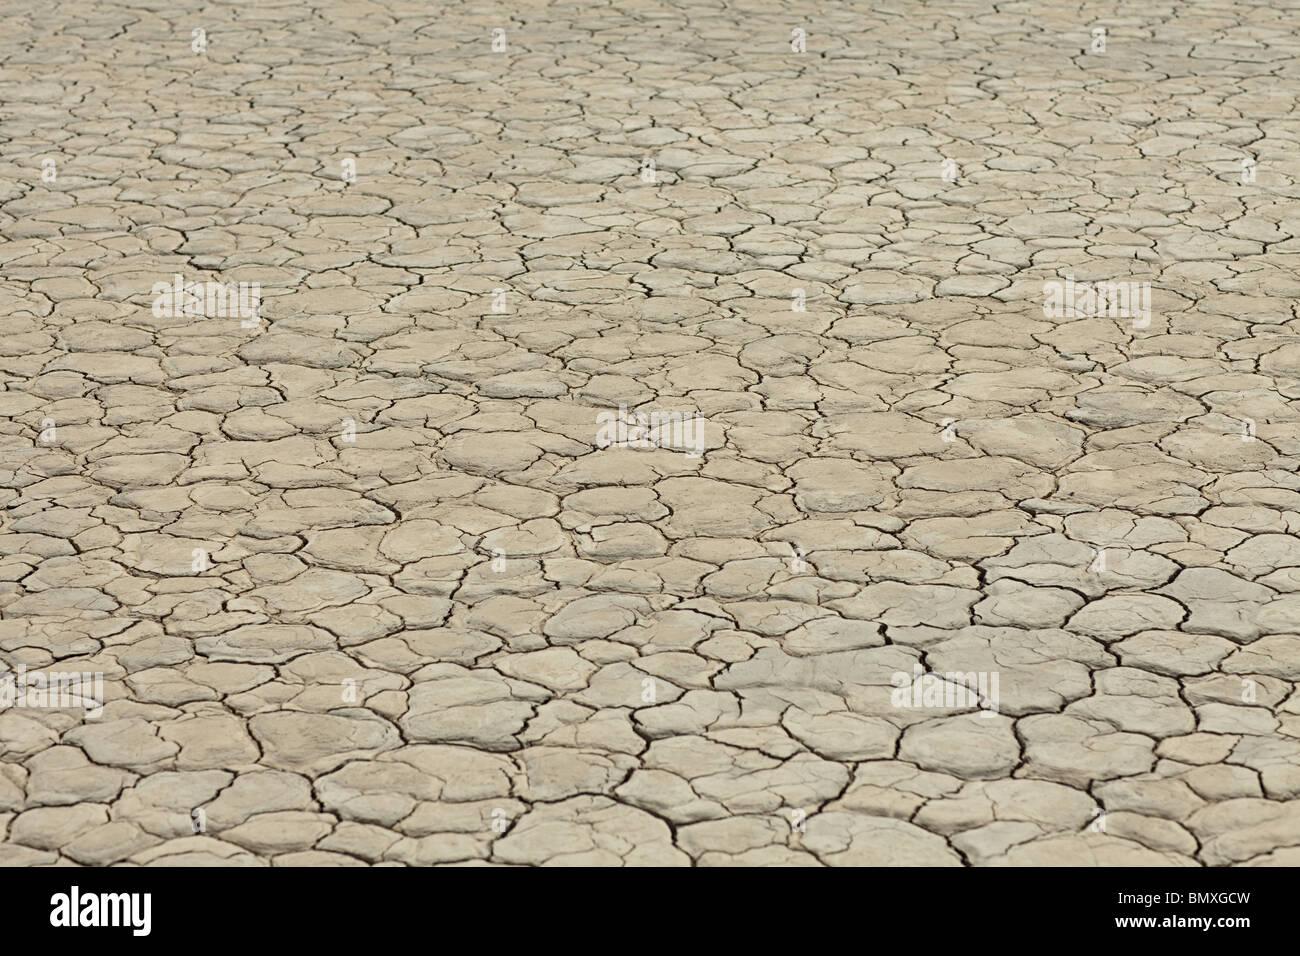 Rissige Oberfläche des ausgetrockneten Sees Bett Stockbild